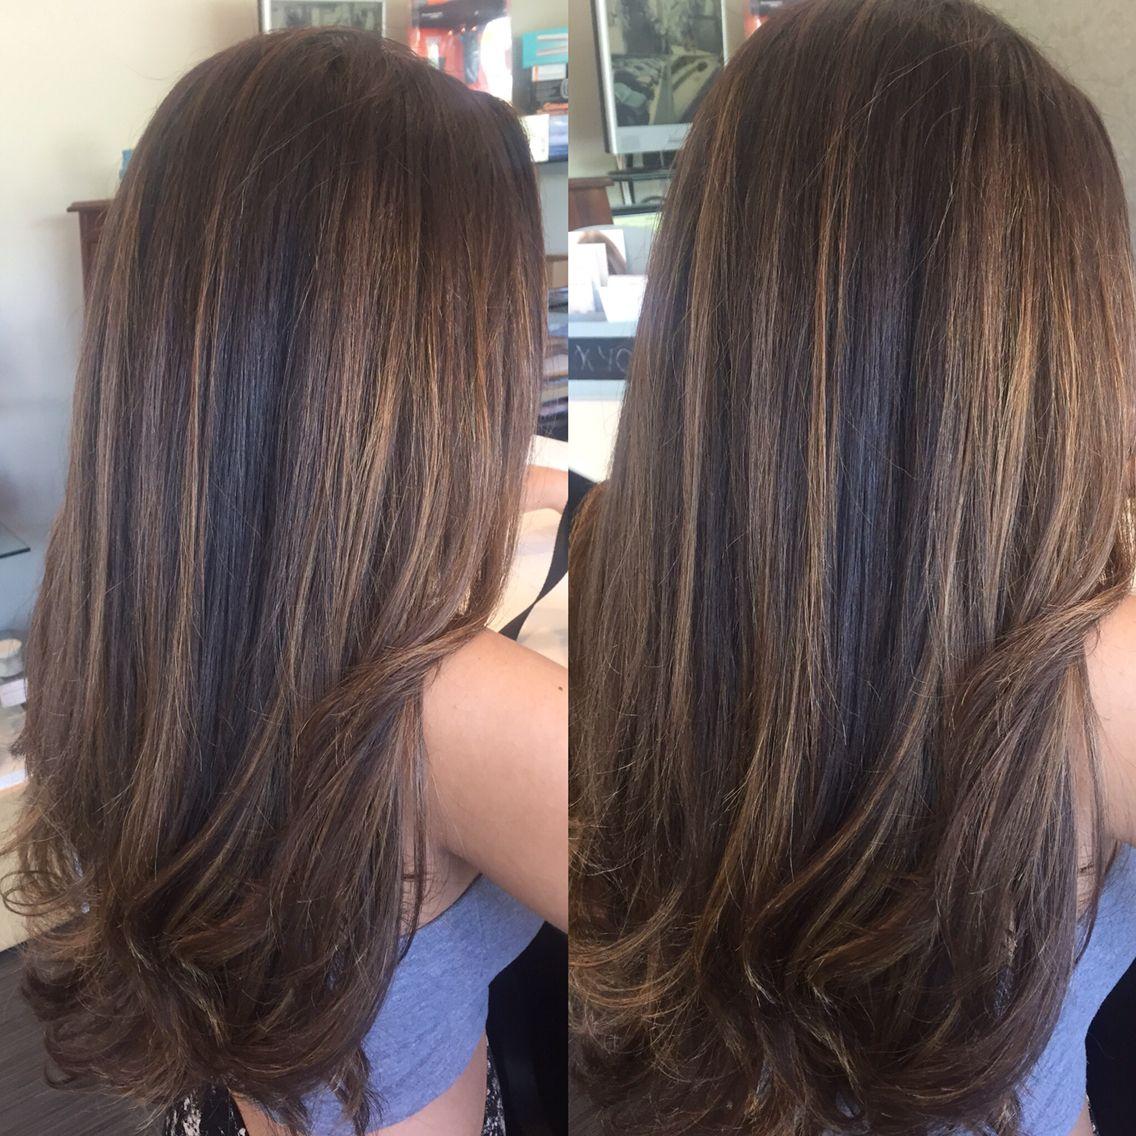 Balayage Highlights On Natural Dark Hair Long Hair Ombre Painted Hair Hair Color Blon Natural Dark Hair Dark Hair Balayage Ombre Natural Blonde Highlights